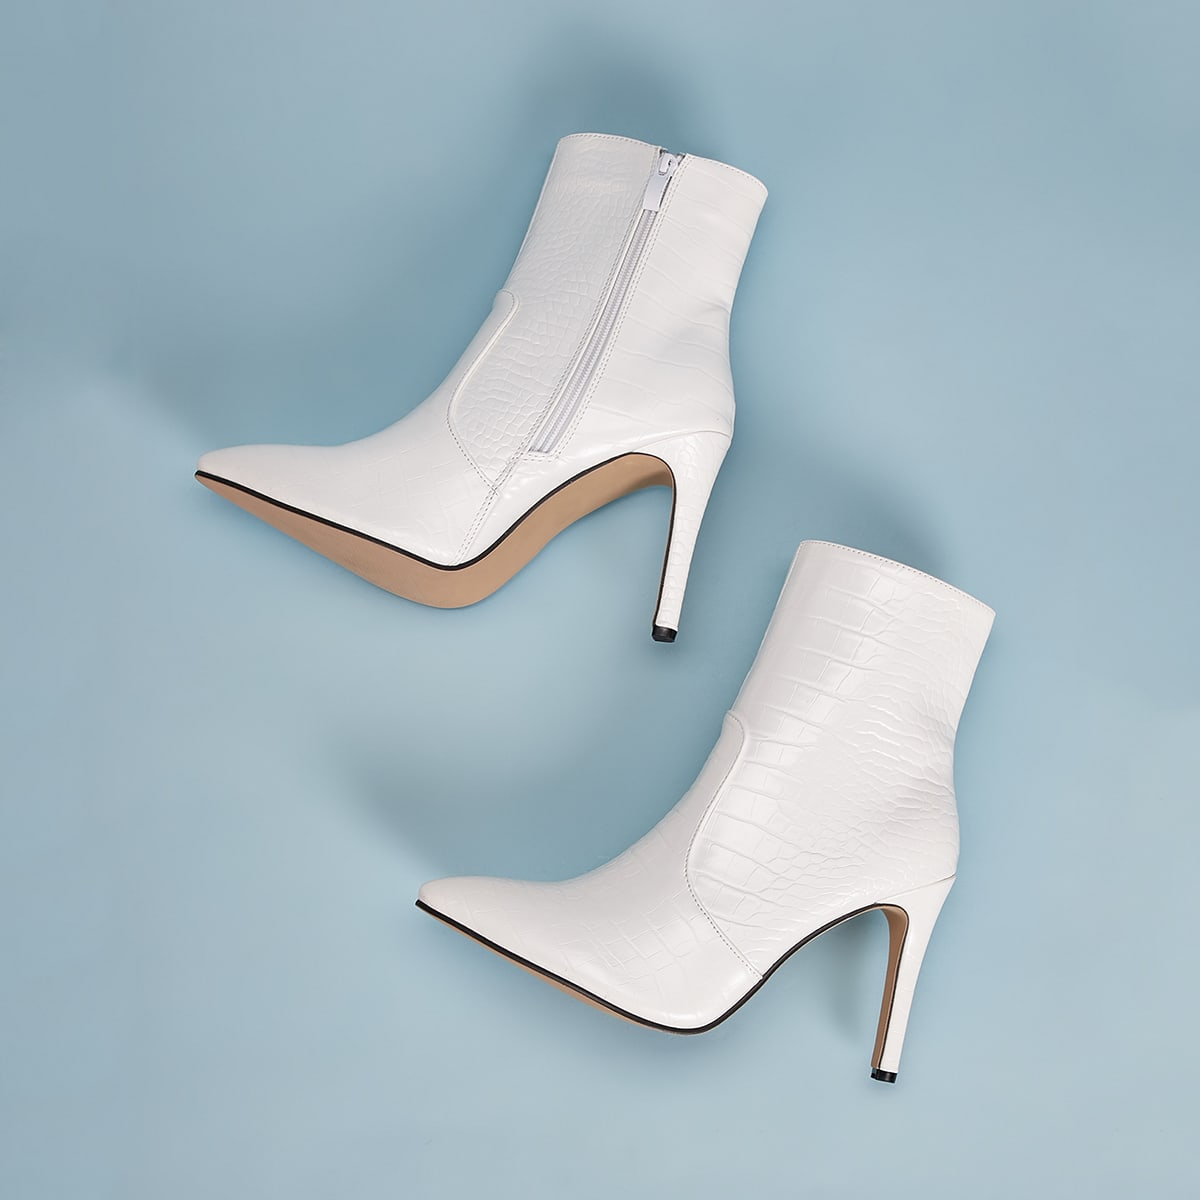 Остроконечные рельефные туфли на шпильках фото